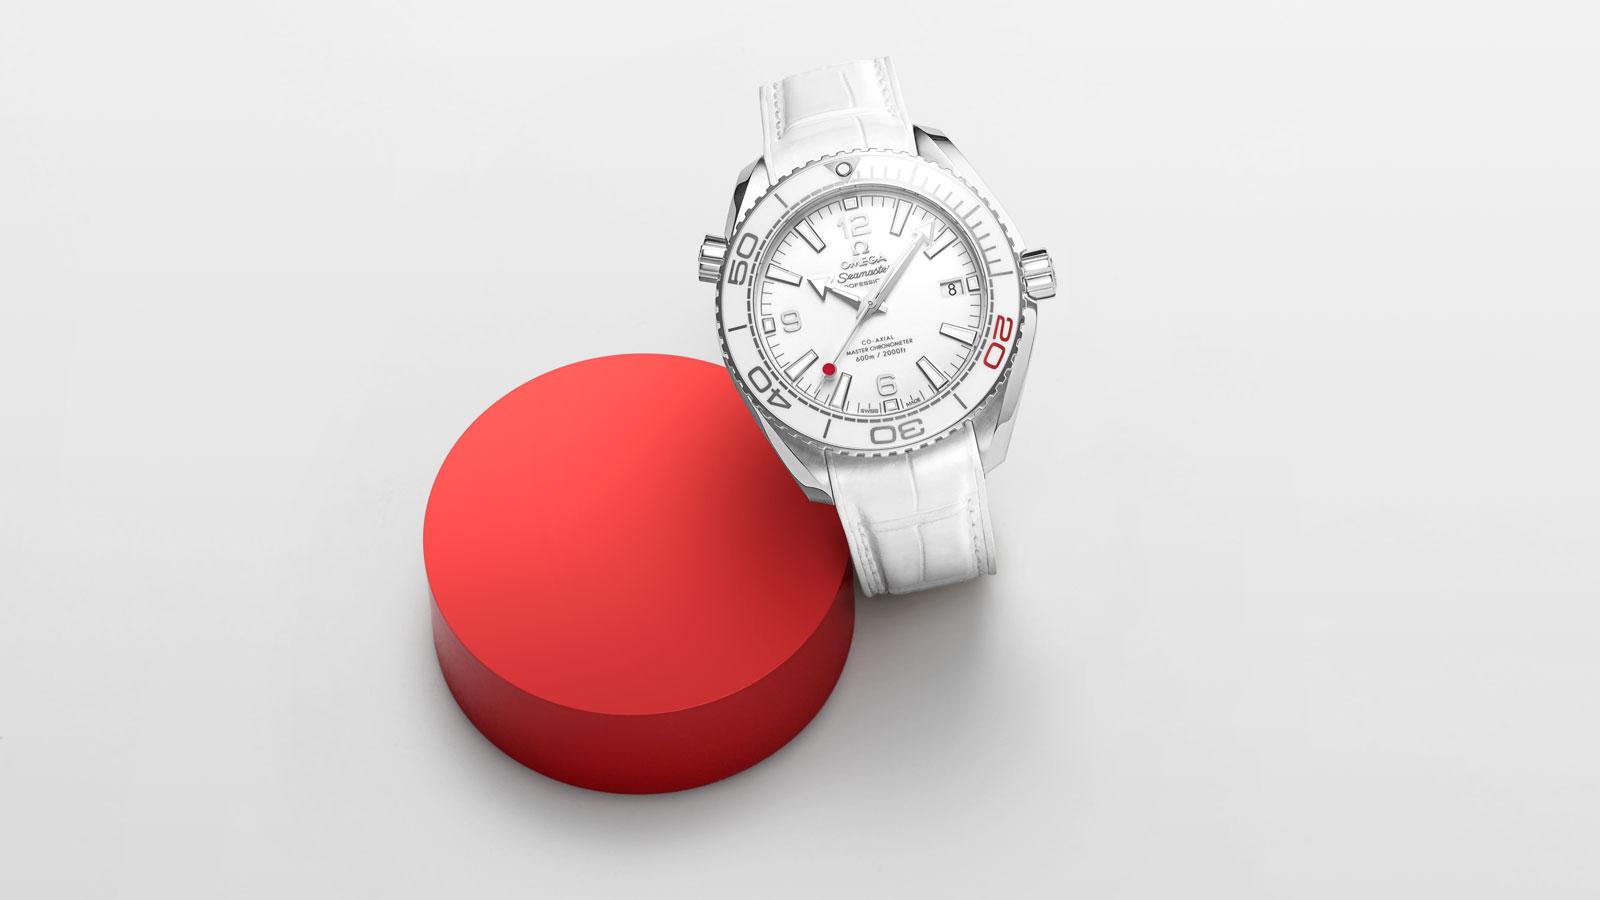 特别系列 奥林匹克系列腕表 奥林匹克系列腕表 腕表 - 522.33.40.20.04.001